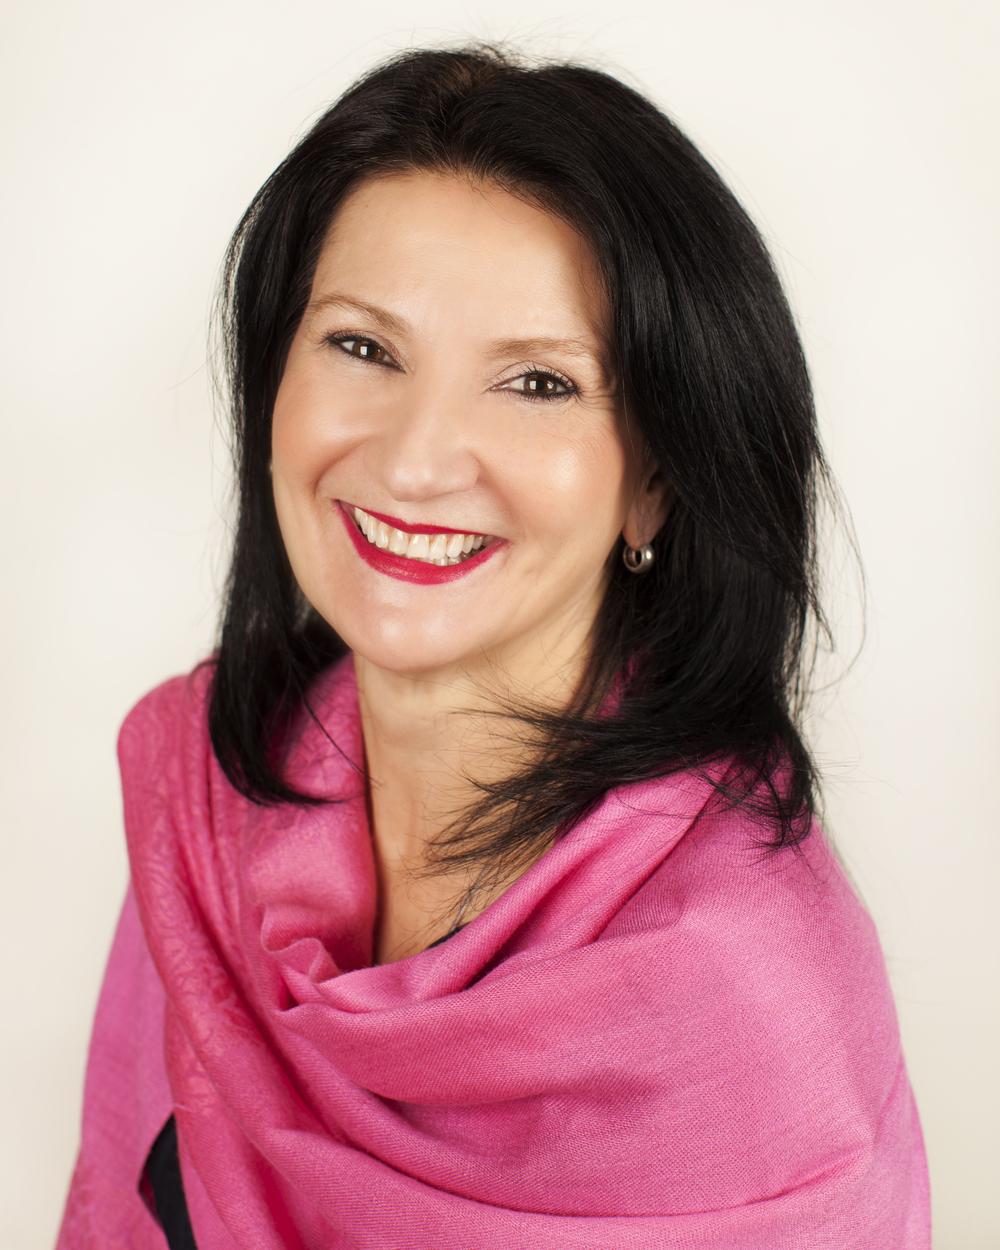 Laura Agostini